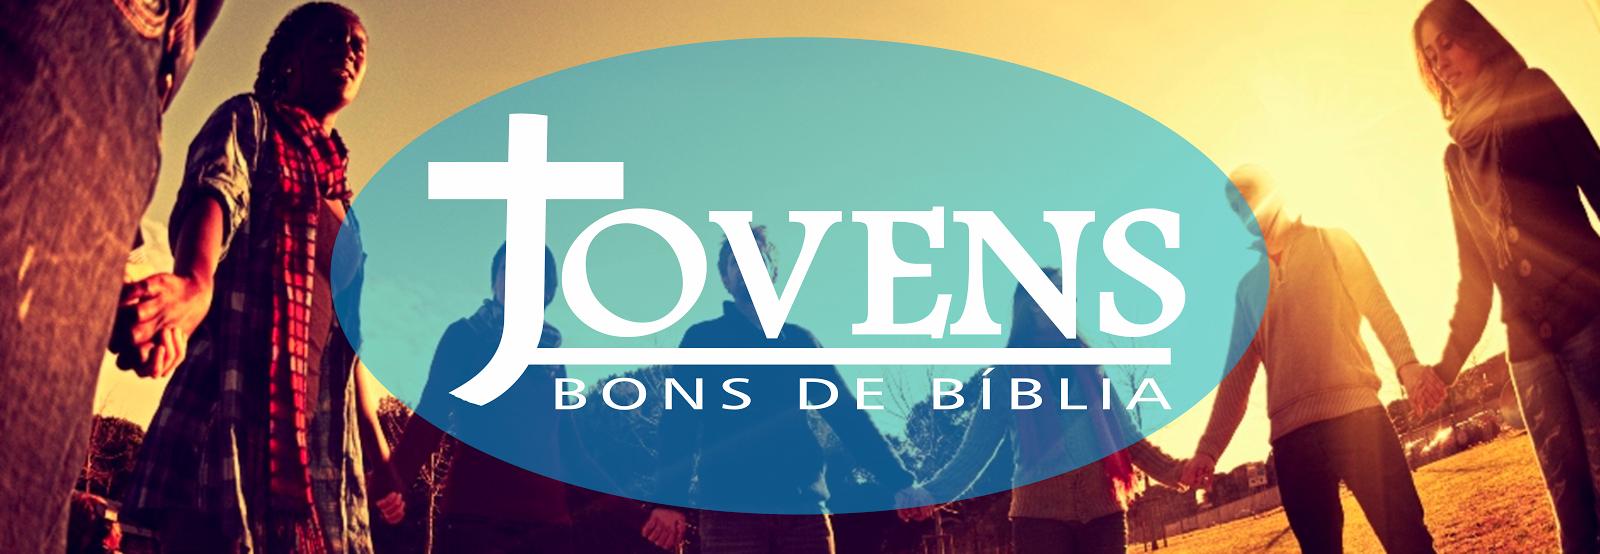 Jovens Bons de Bíblia